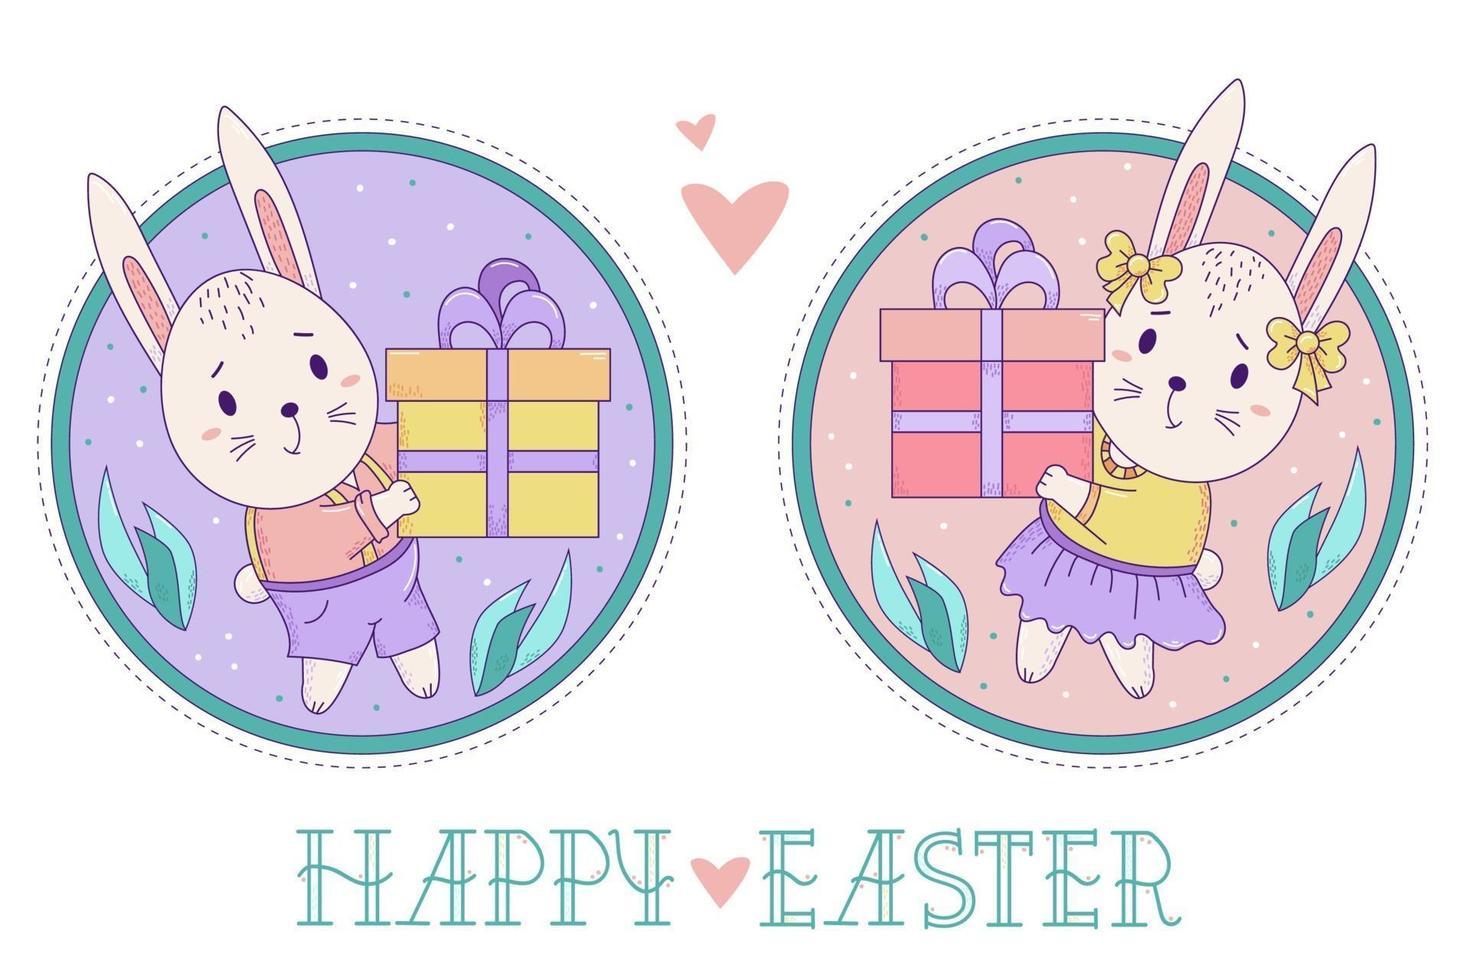 um par de coelhos bonitos. coelhinha da Páscoa e o menino com uma caixa de presente grande em um fundo redondo decorativo com folhas. ilustração em vetor cor. feliz páscoa cartão postal